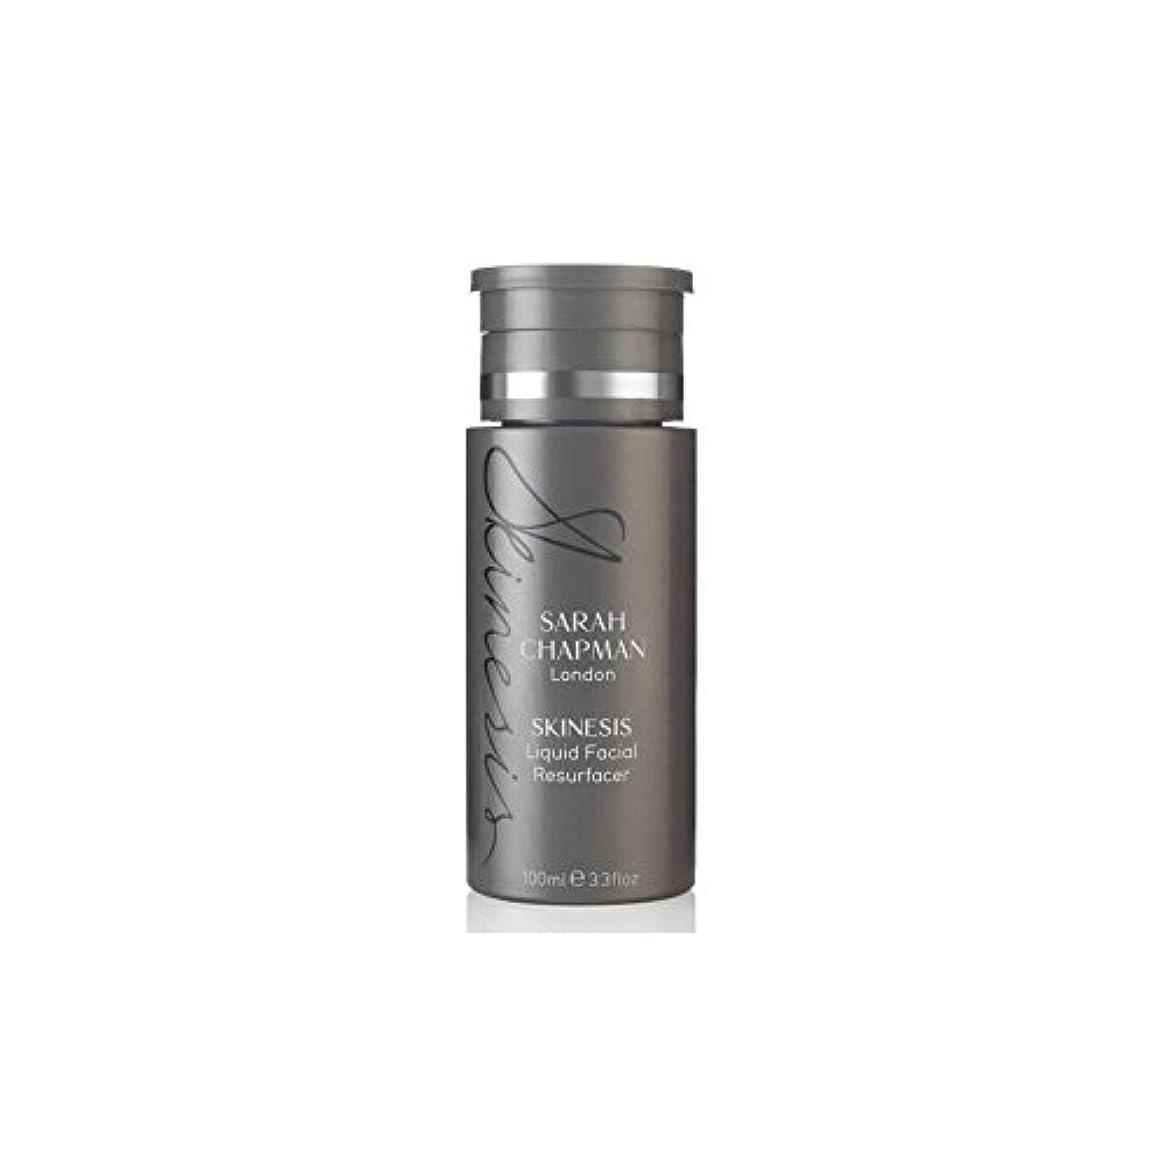 サラチャップマン液体顔(100)に x4 - Sarah Chapman Skinesis Liquid Facial Resurfacer (100ml) (Pack of 4) [並行輸入品]